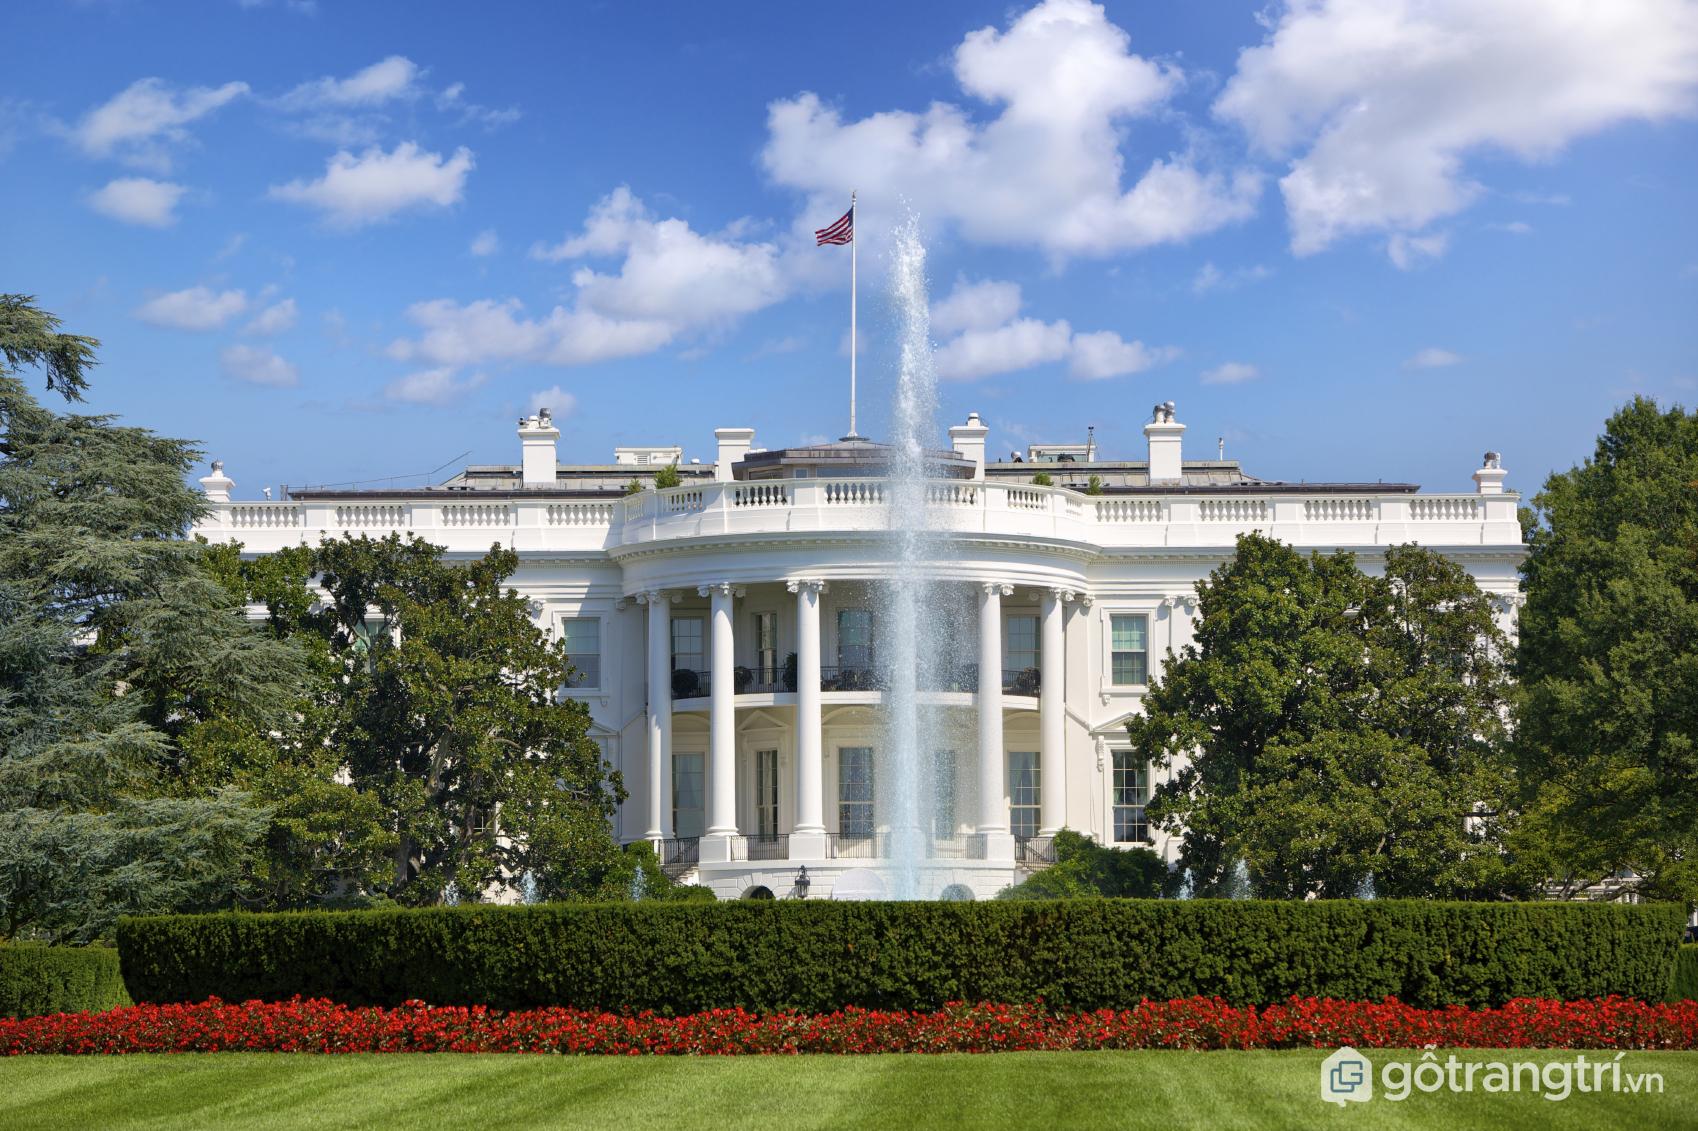 Tòa nhà nổi tiếng tại Washington, Mỹ (Ảnh internet)